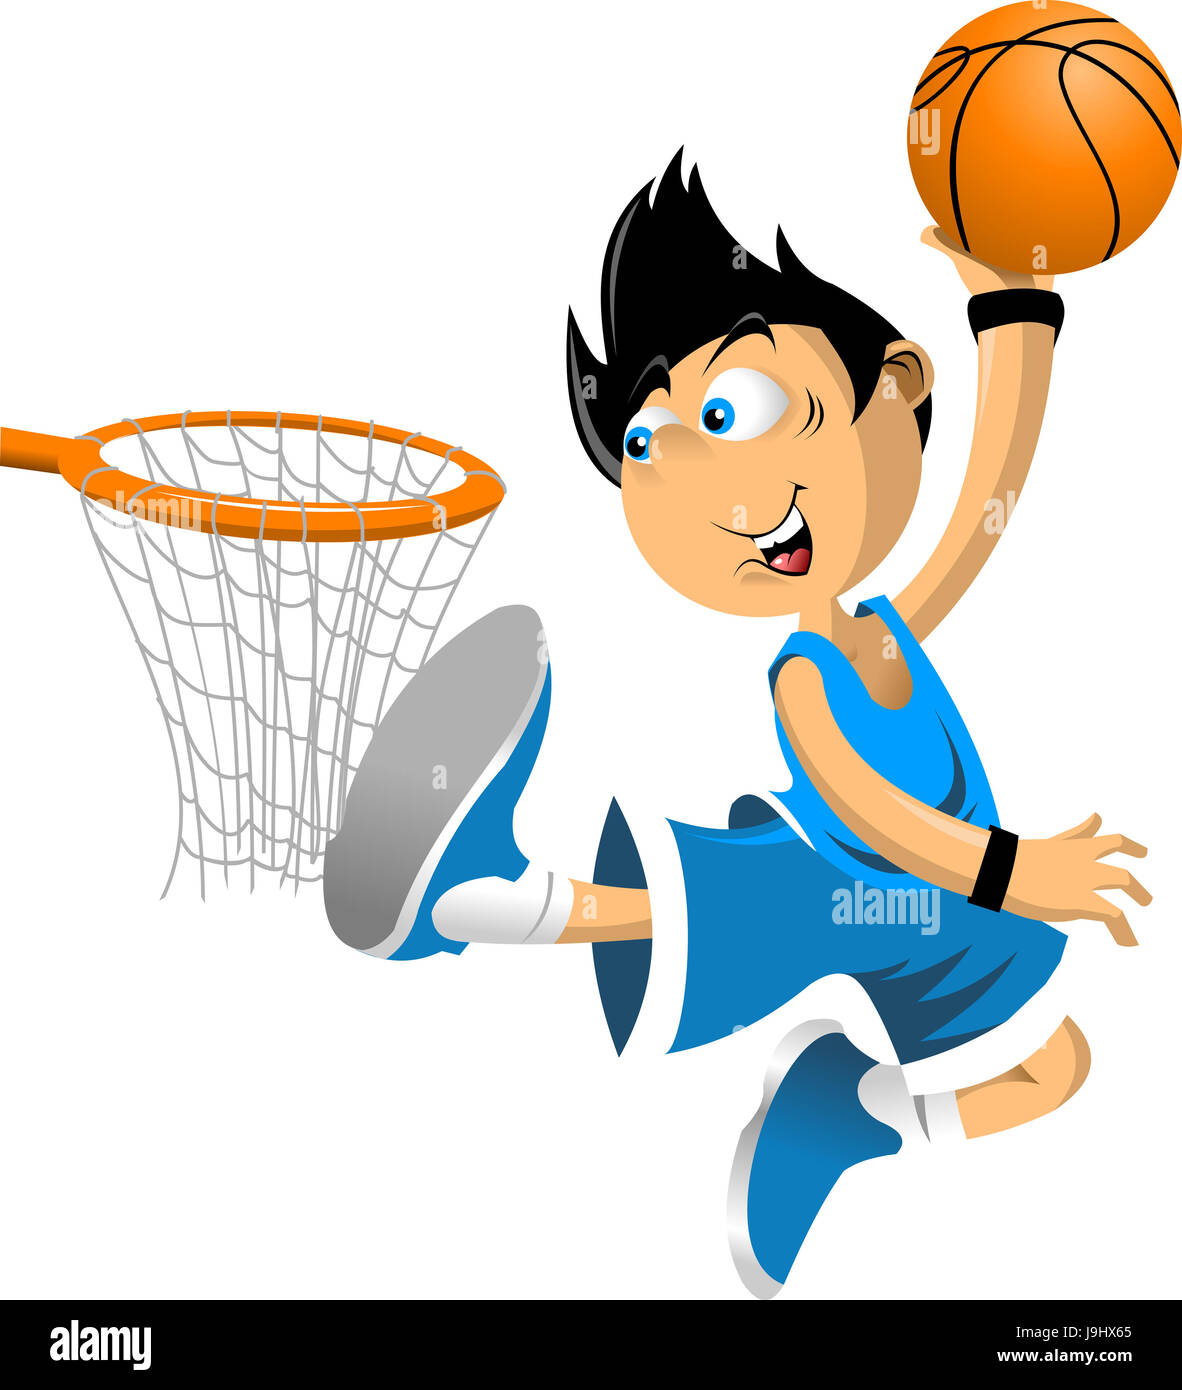 Ziemlich Basketball Statistik Blatt Vorlage Zeitgenössisch - Ideen ...